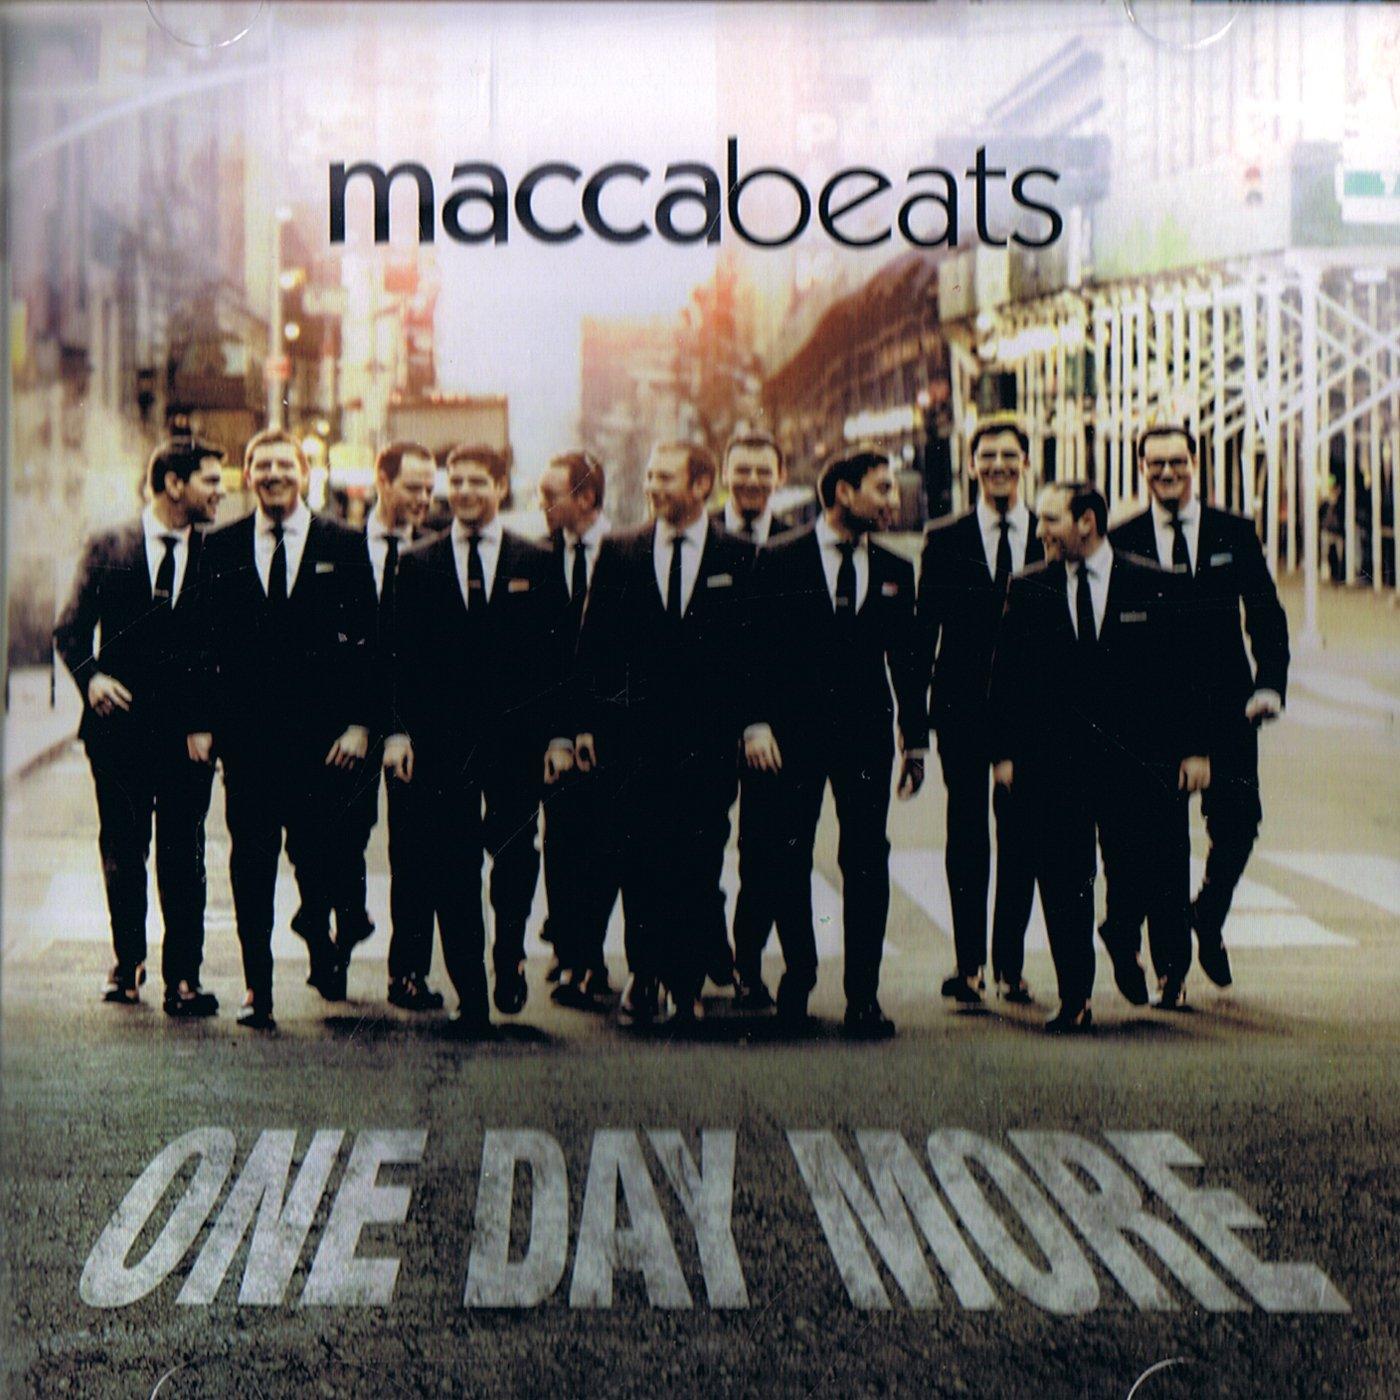 maccabeats one day